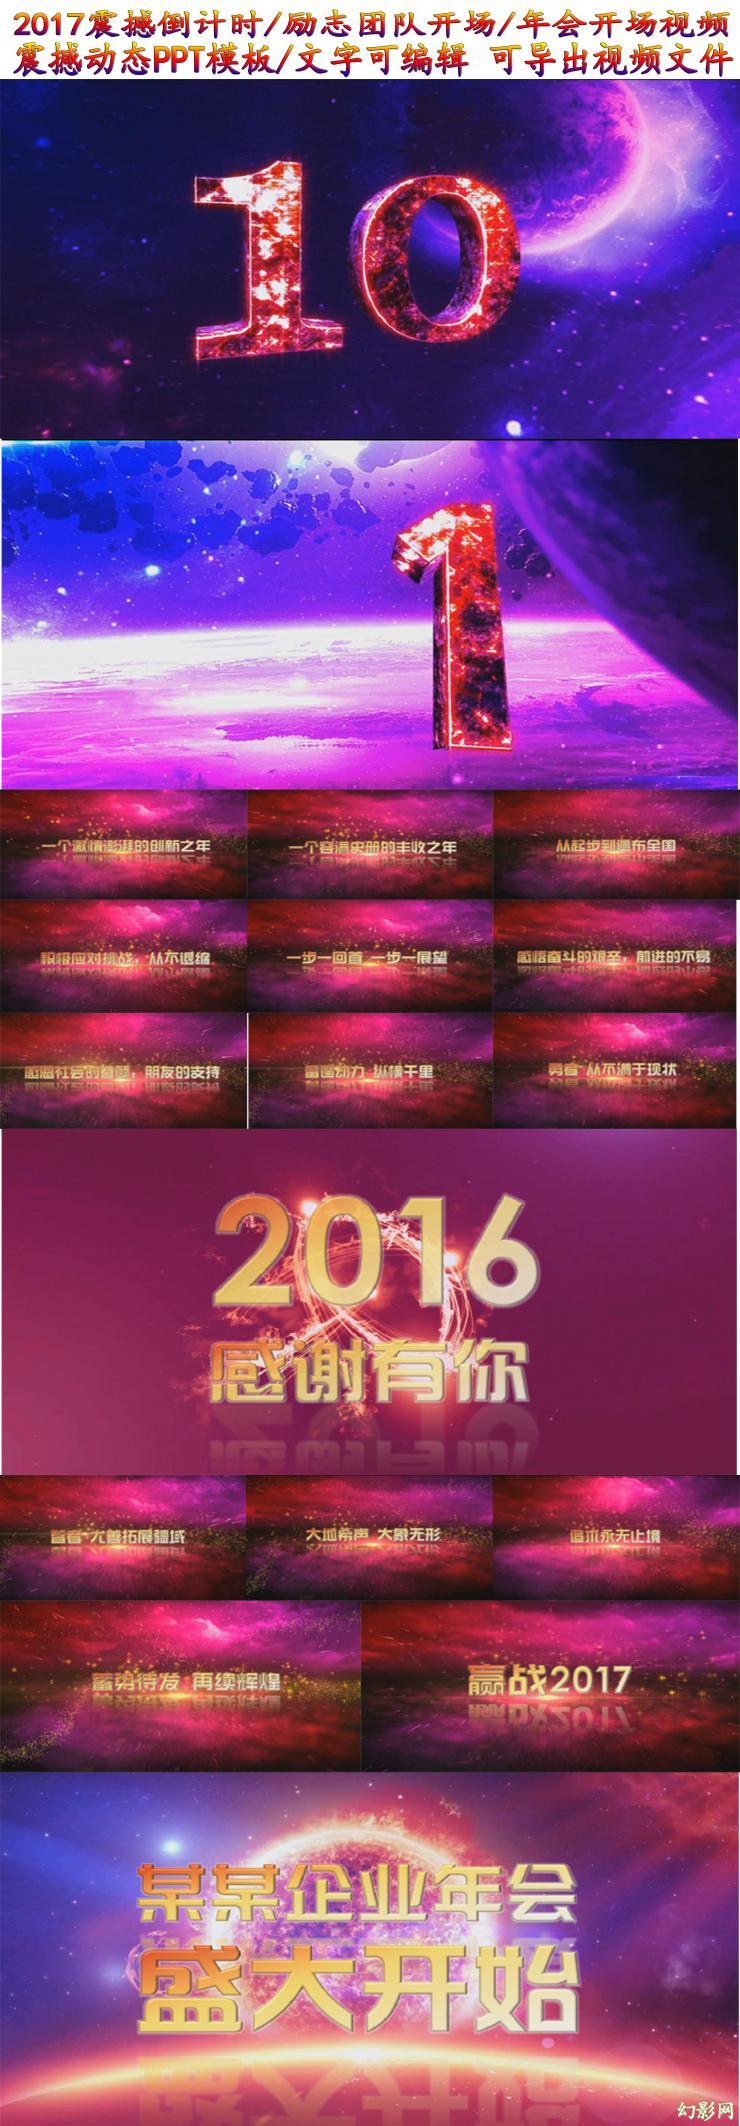 2017腾飞企业震撼开场视频动态ppt模板